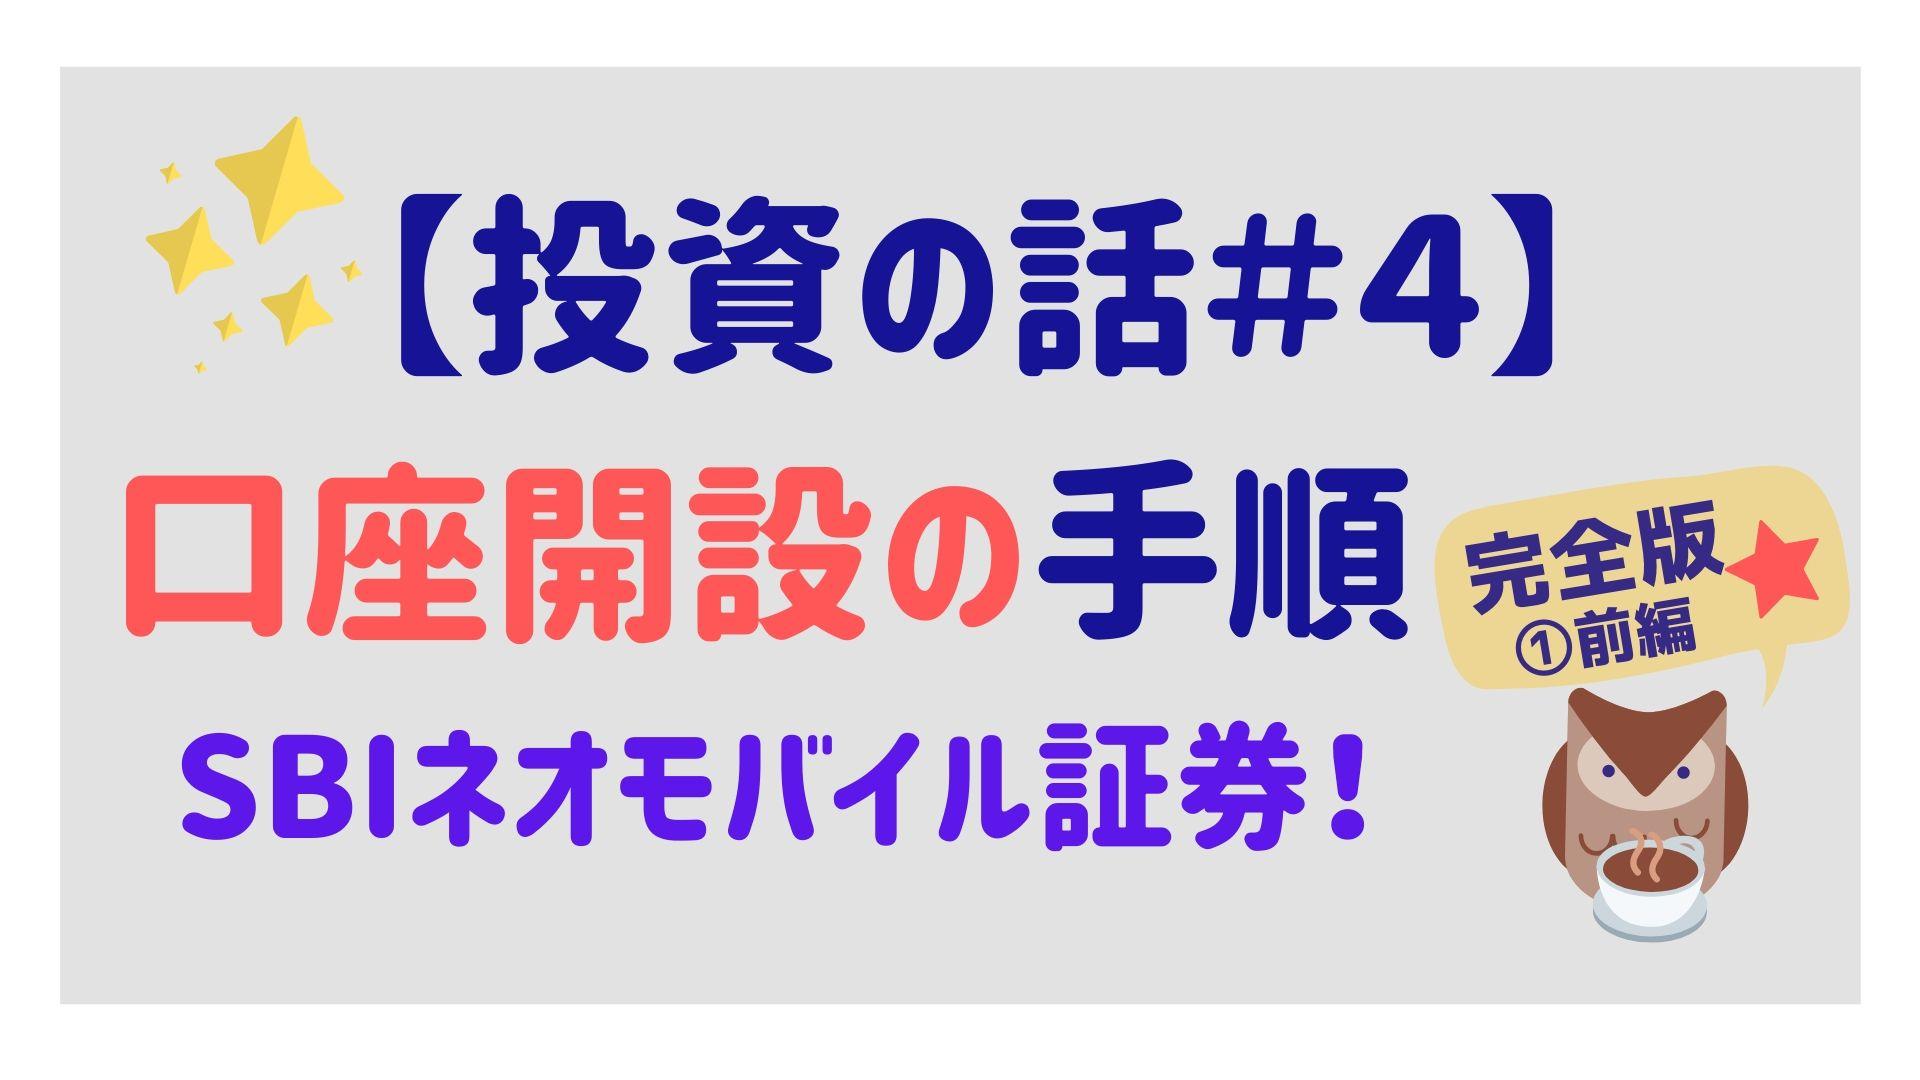 【SBIネオモバイル証券】口座開設の手順!完全版/前編